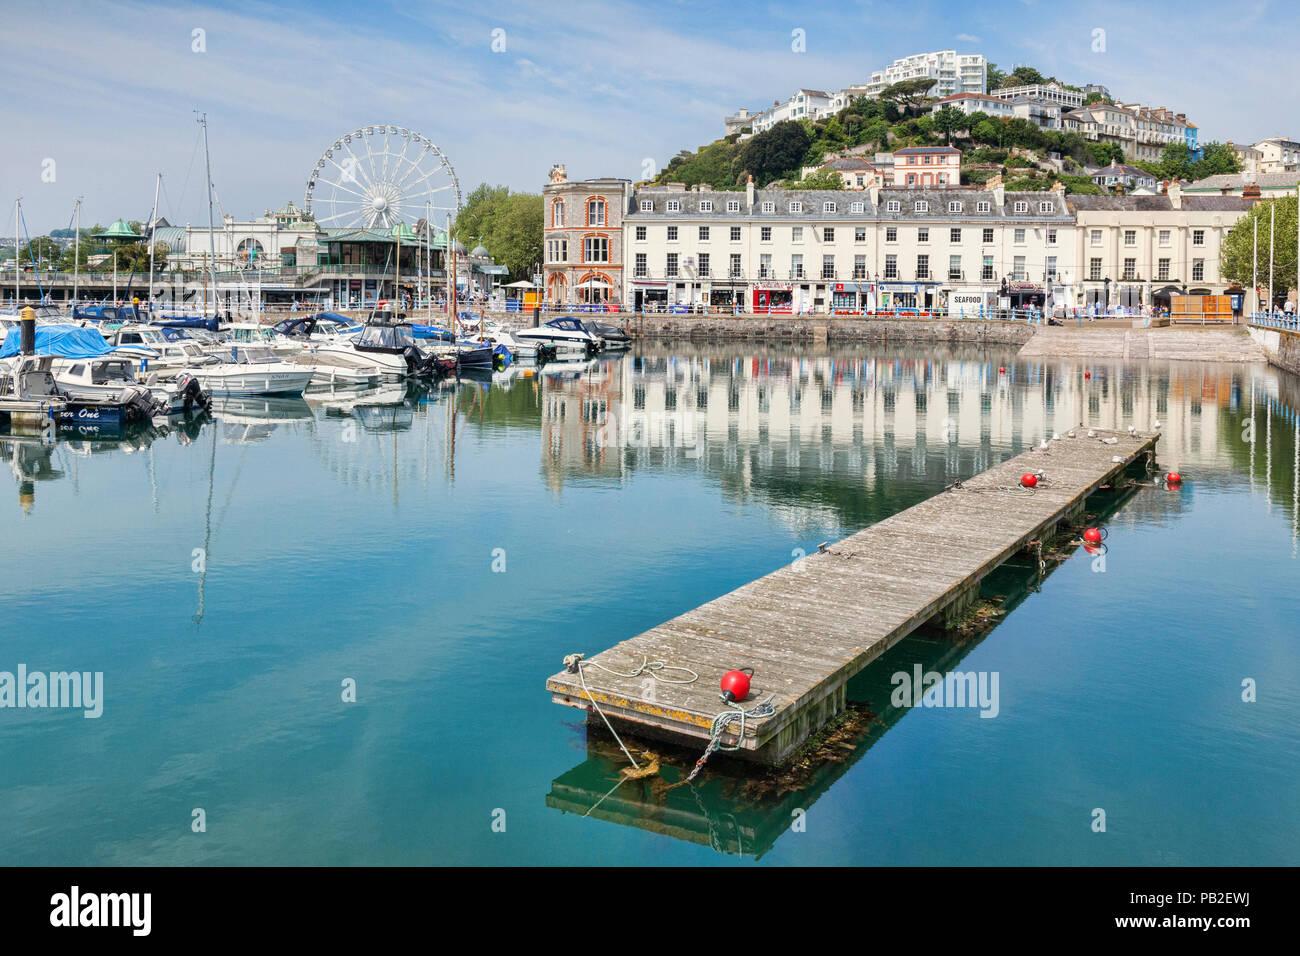 21 Mai 2018: Torquay, Devon, England, UK - la marina, port et la ville sur une journée de printemps ensoleillée. Photo Stock